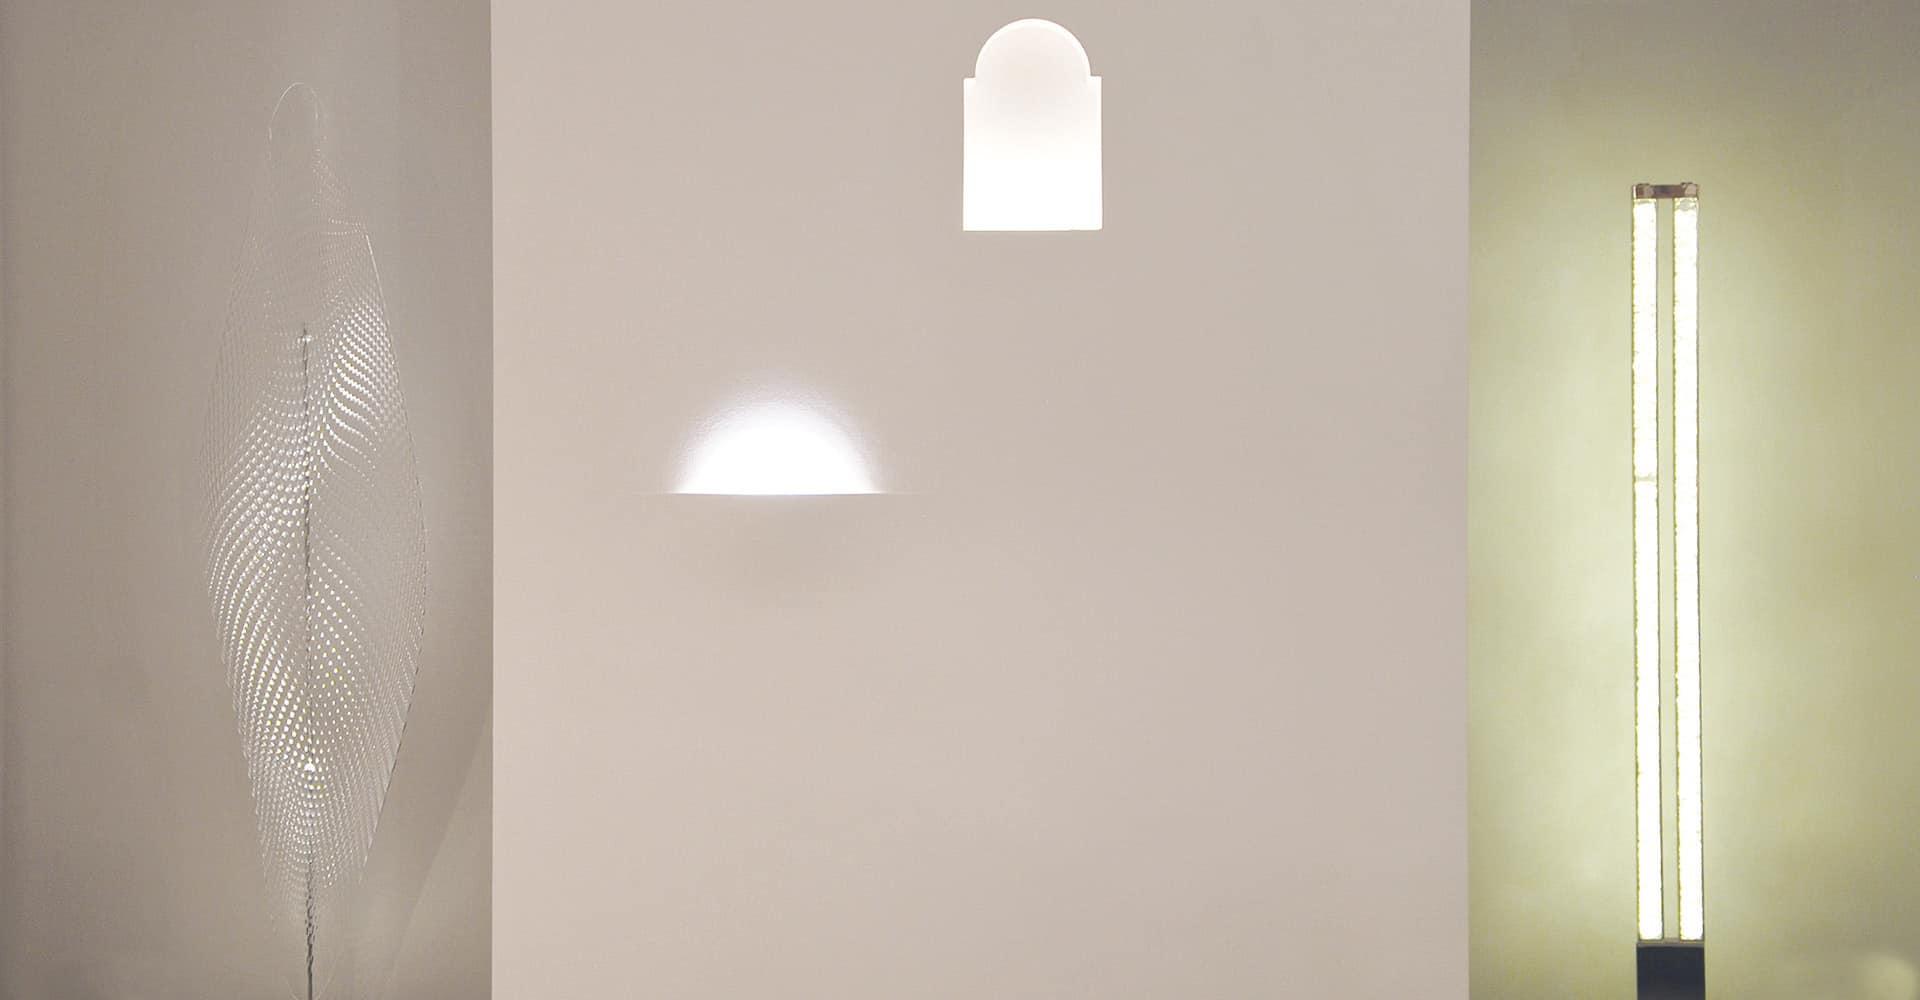 LICHTKULTUR GMBH | LADENBAU FÜR LEUCHTENGESCHÄFT | Innenarchitektur und Innenausbau aus einer Hand: Neben der Konzeptentwicklung, Grundrissplanung, Projektsteuerung und -planung erstellten wir 3D-Visualisierungen sowie die Elektro- und Sanitärplanung der neuen Ausstellungsräume des Leuchtenausstatters Lichtkultur.